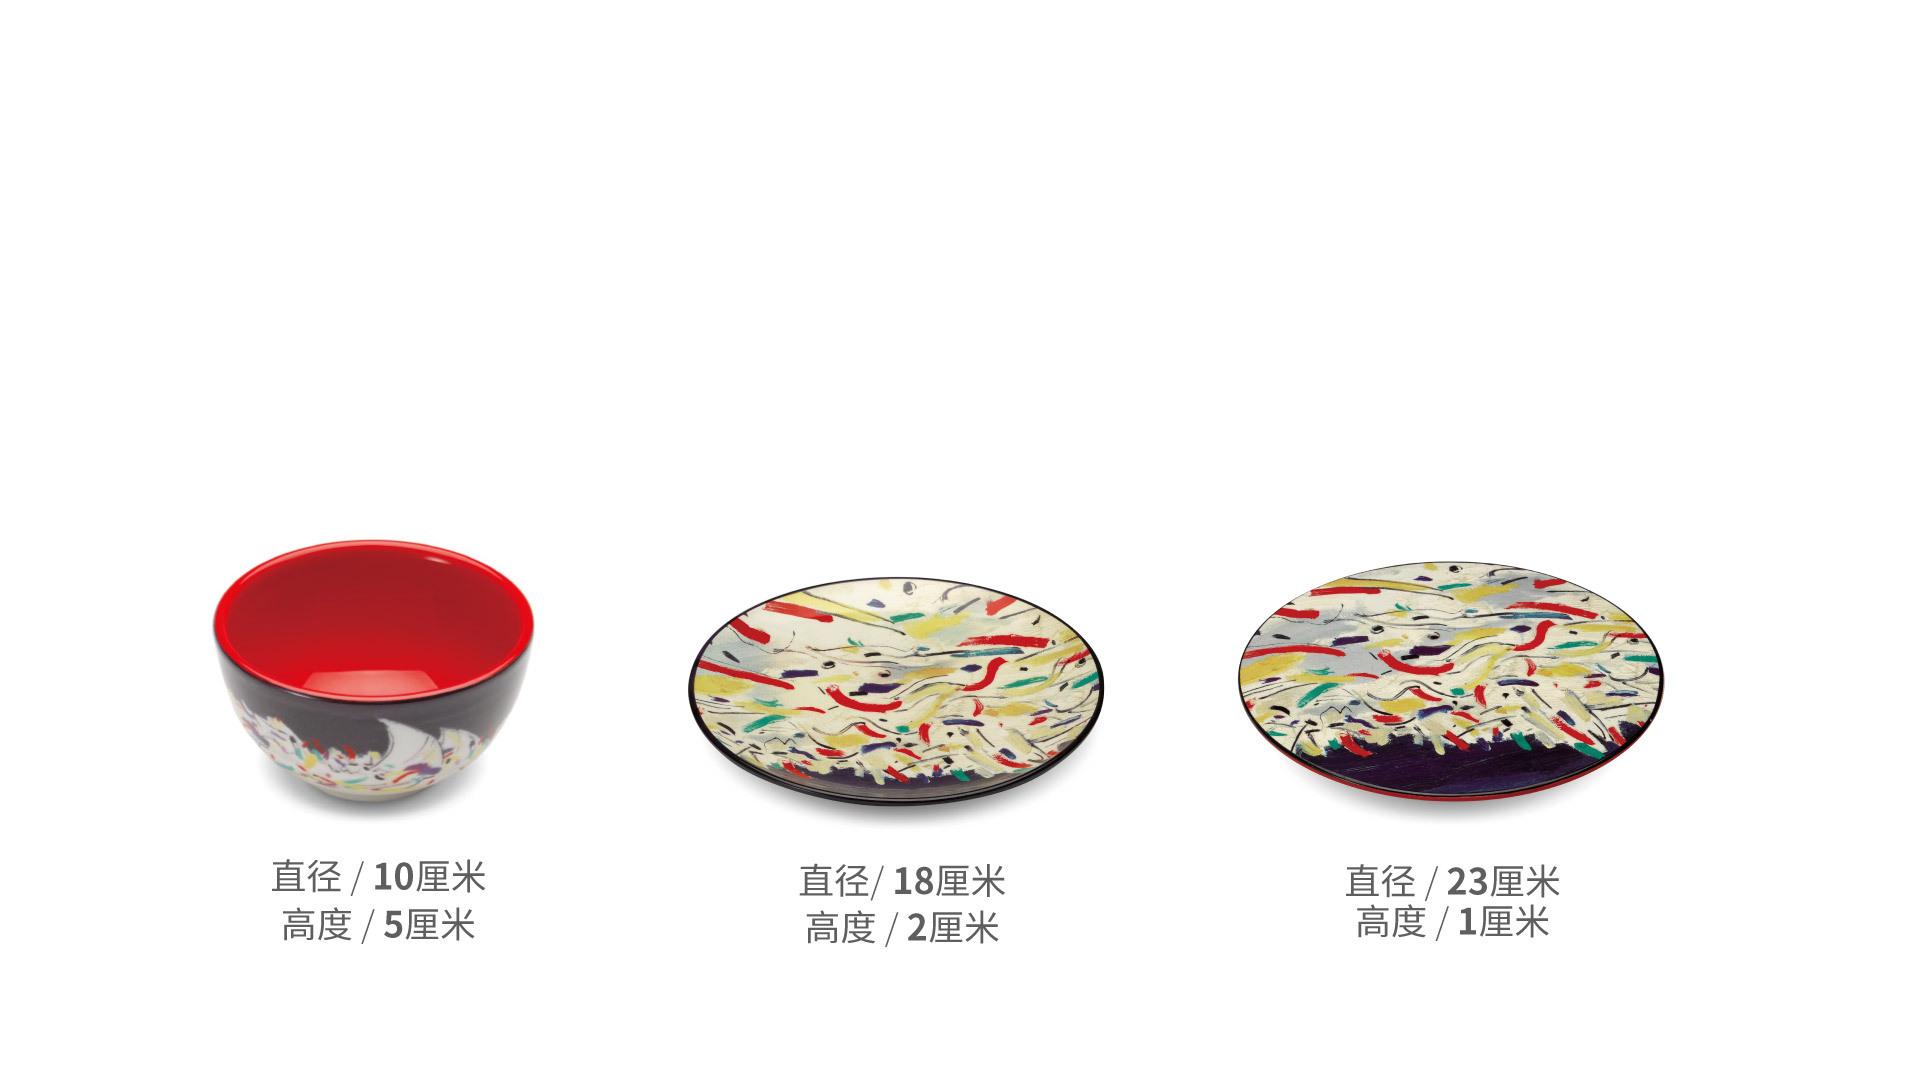 吴冠中艺术瓷餐具组-印尼舟群小尺寸碗碟套装餐具效果图